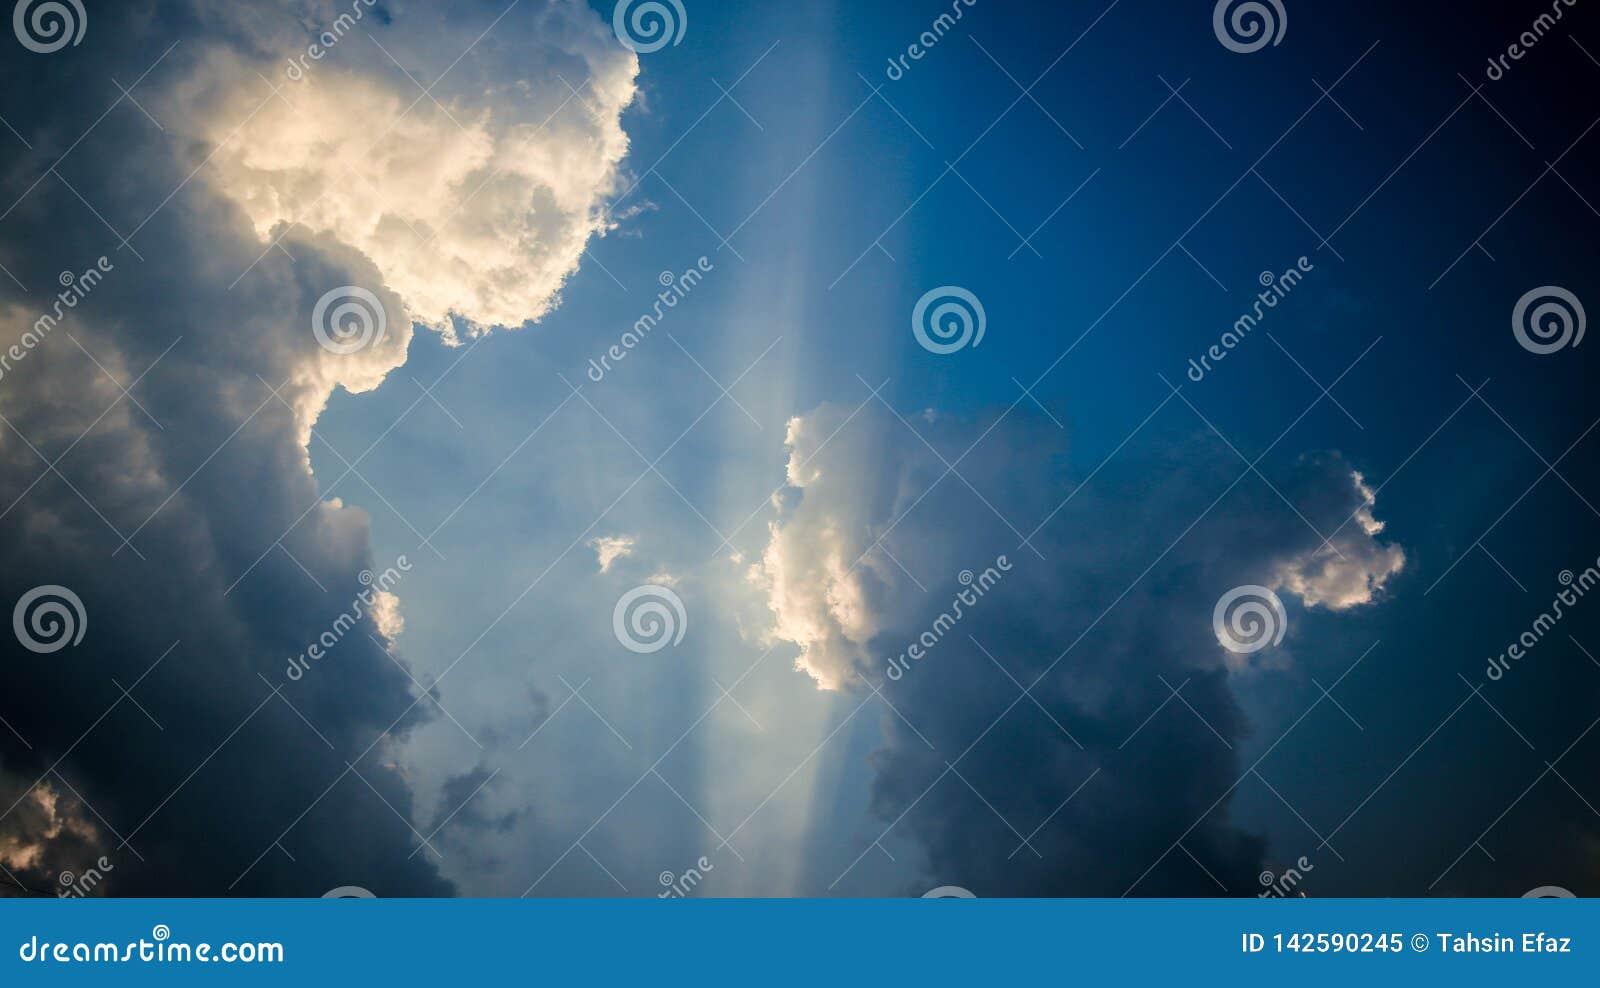 这是天空蔚蓝的图片与太阳光芒的